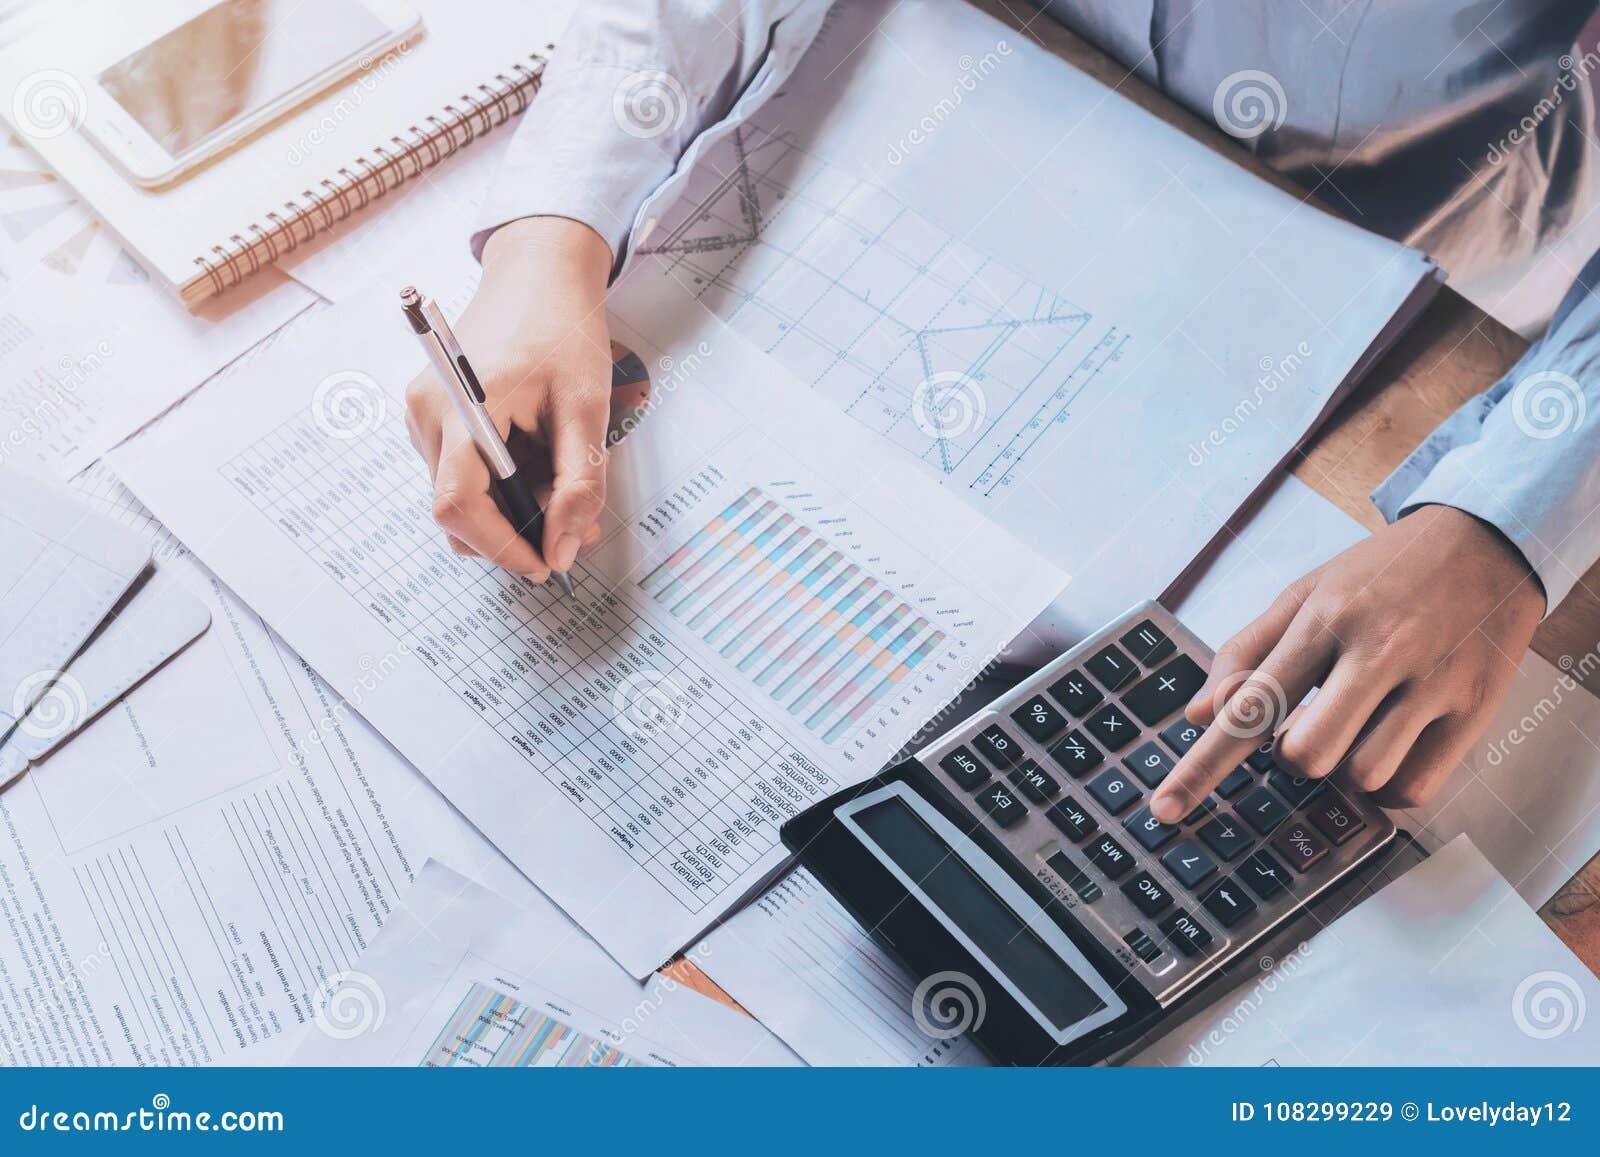 El hombre de negocios usando la calculadora para calcula el presupuesto concepto finan